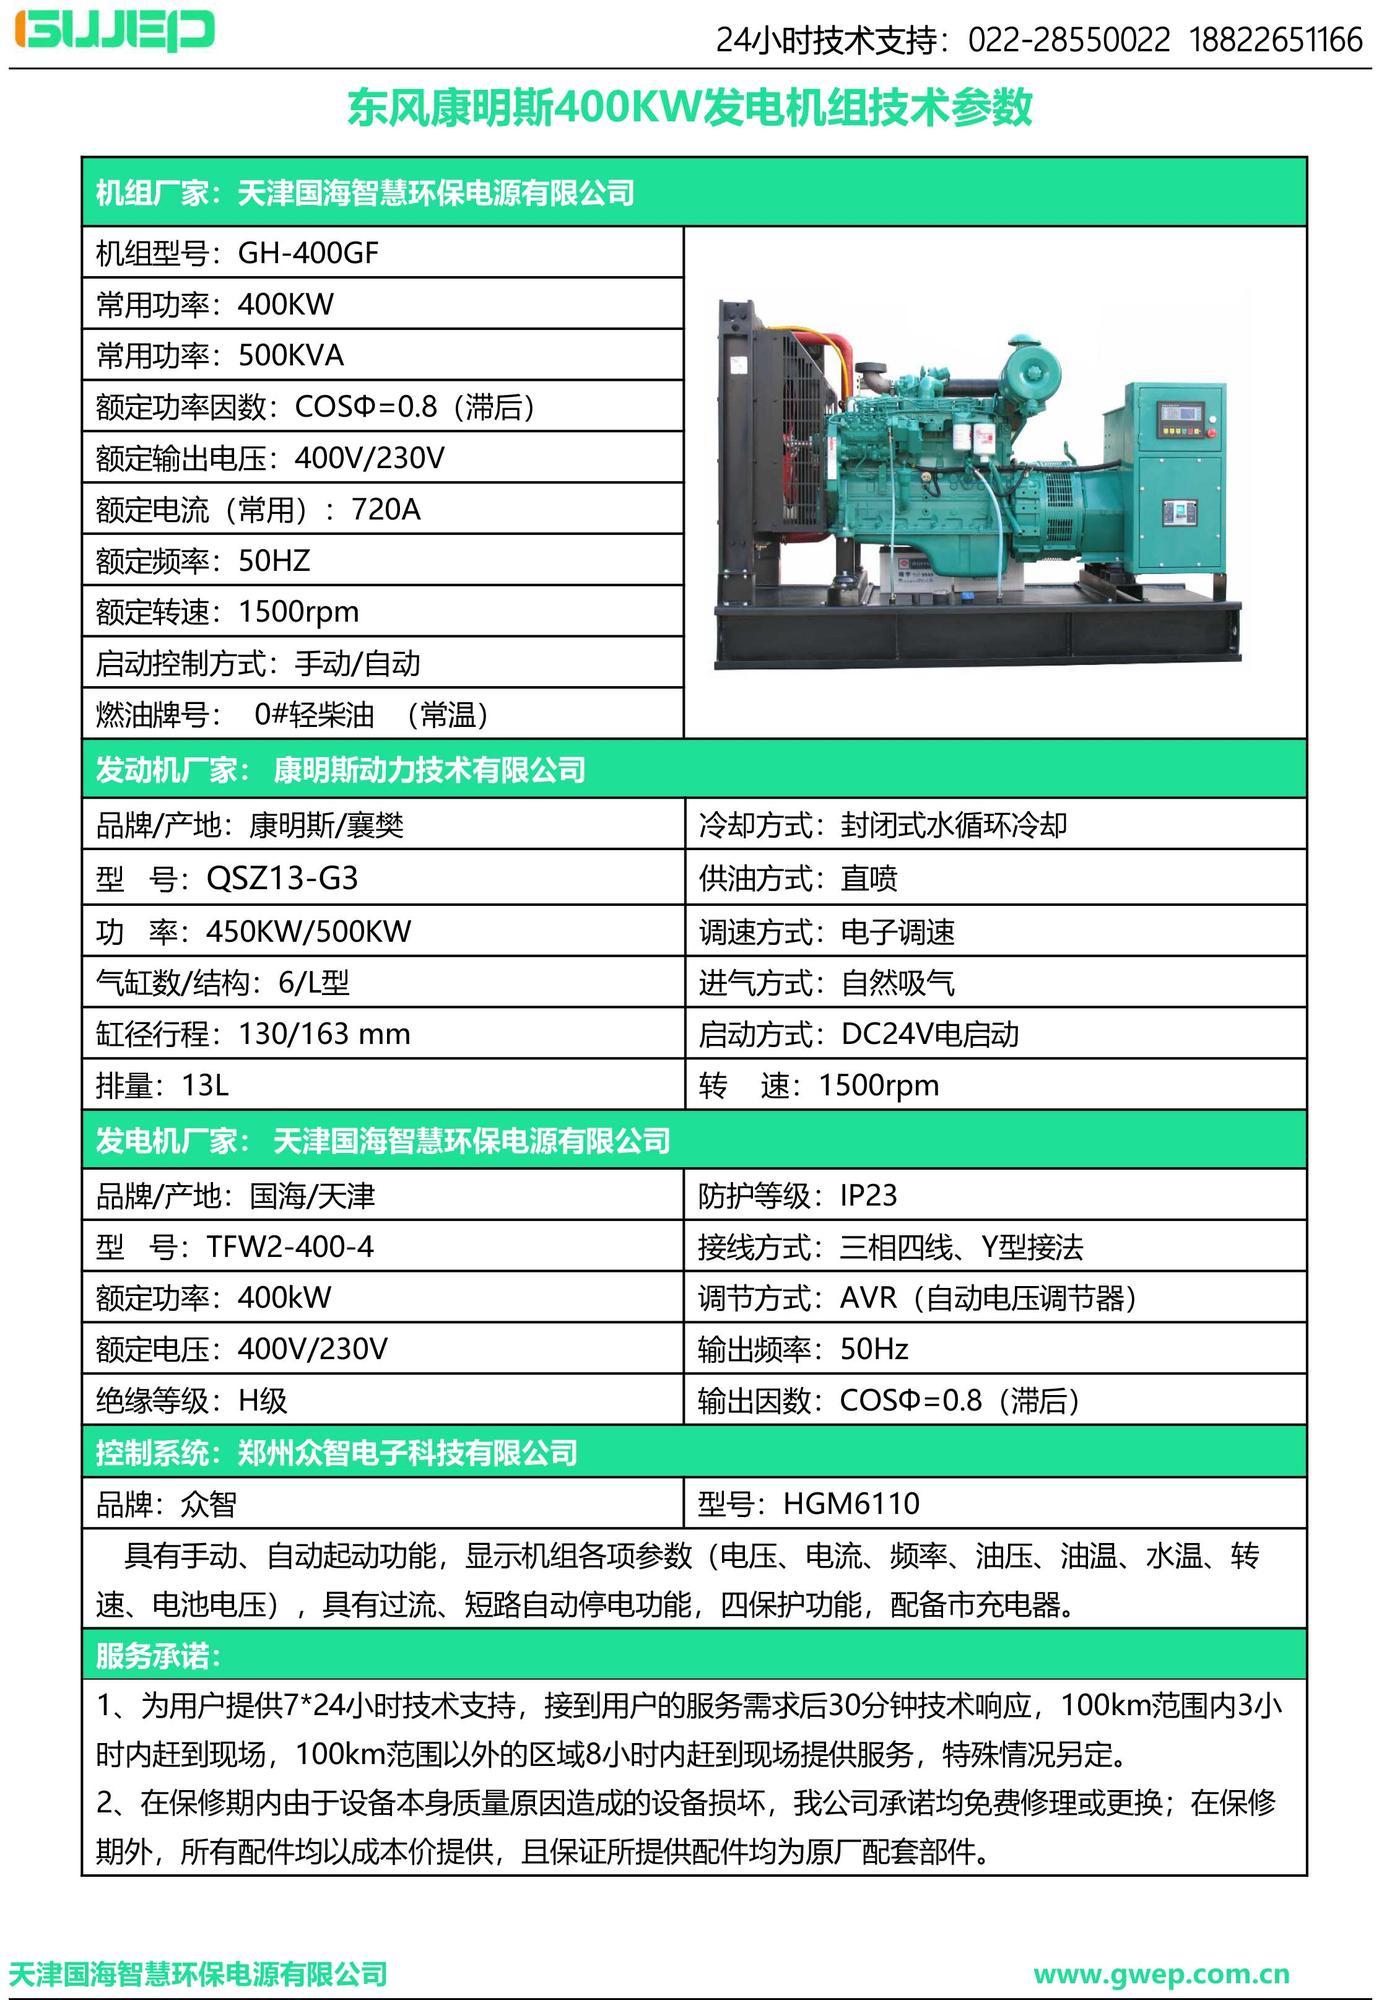 康明斯400KW發電機組技術資料-2.jpg